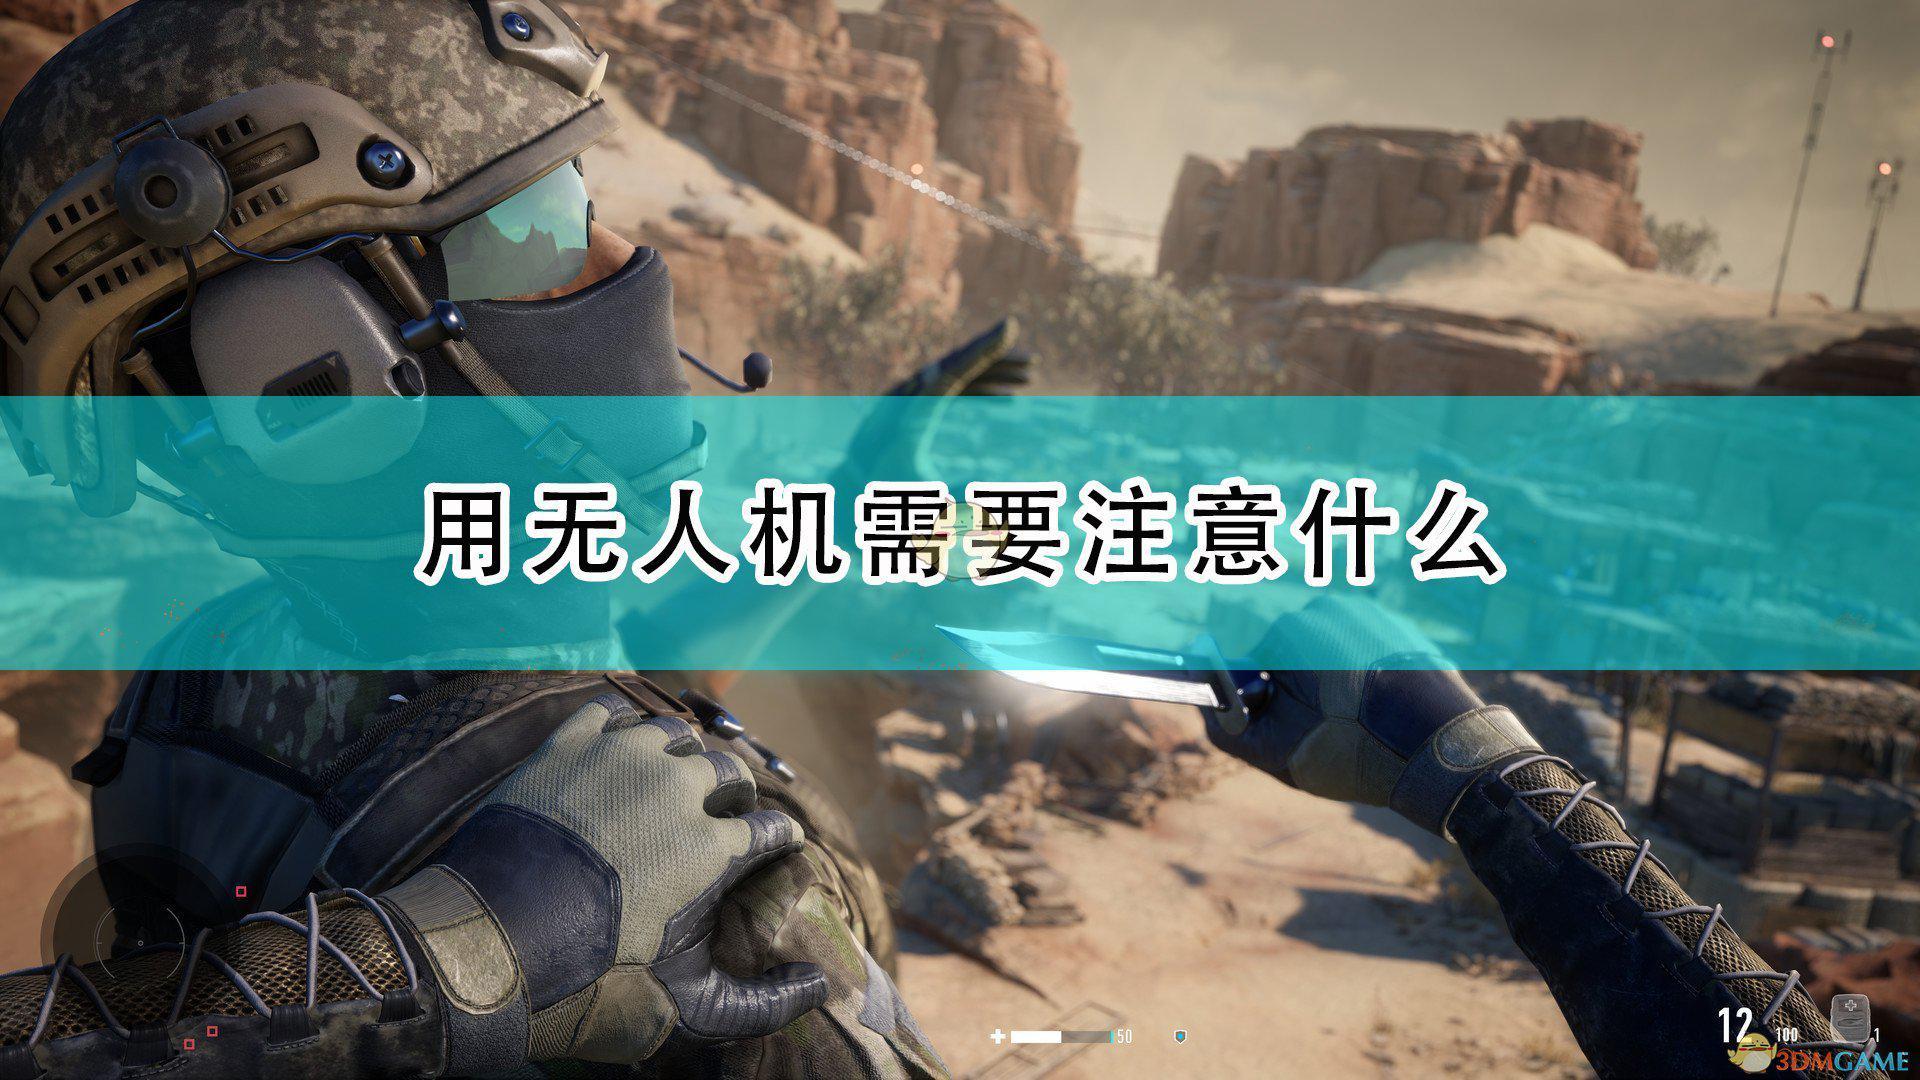 《狙擊手:幽靈戰士契約2》無人機使用注意事項分享